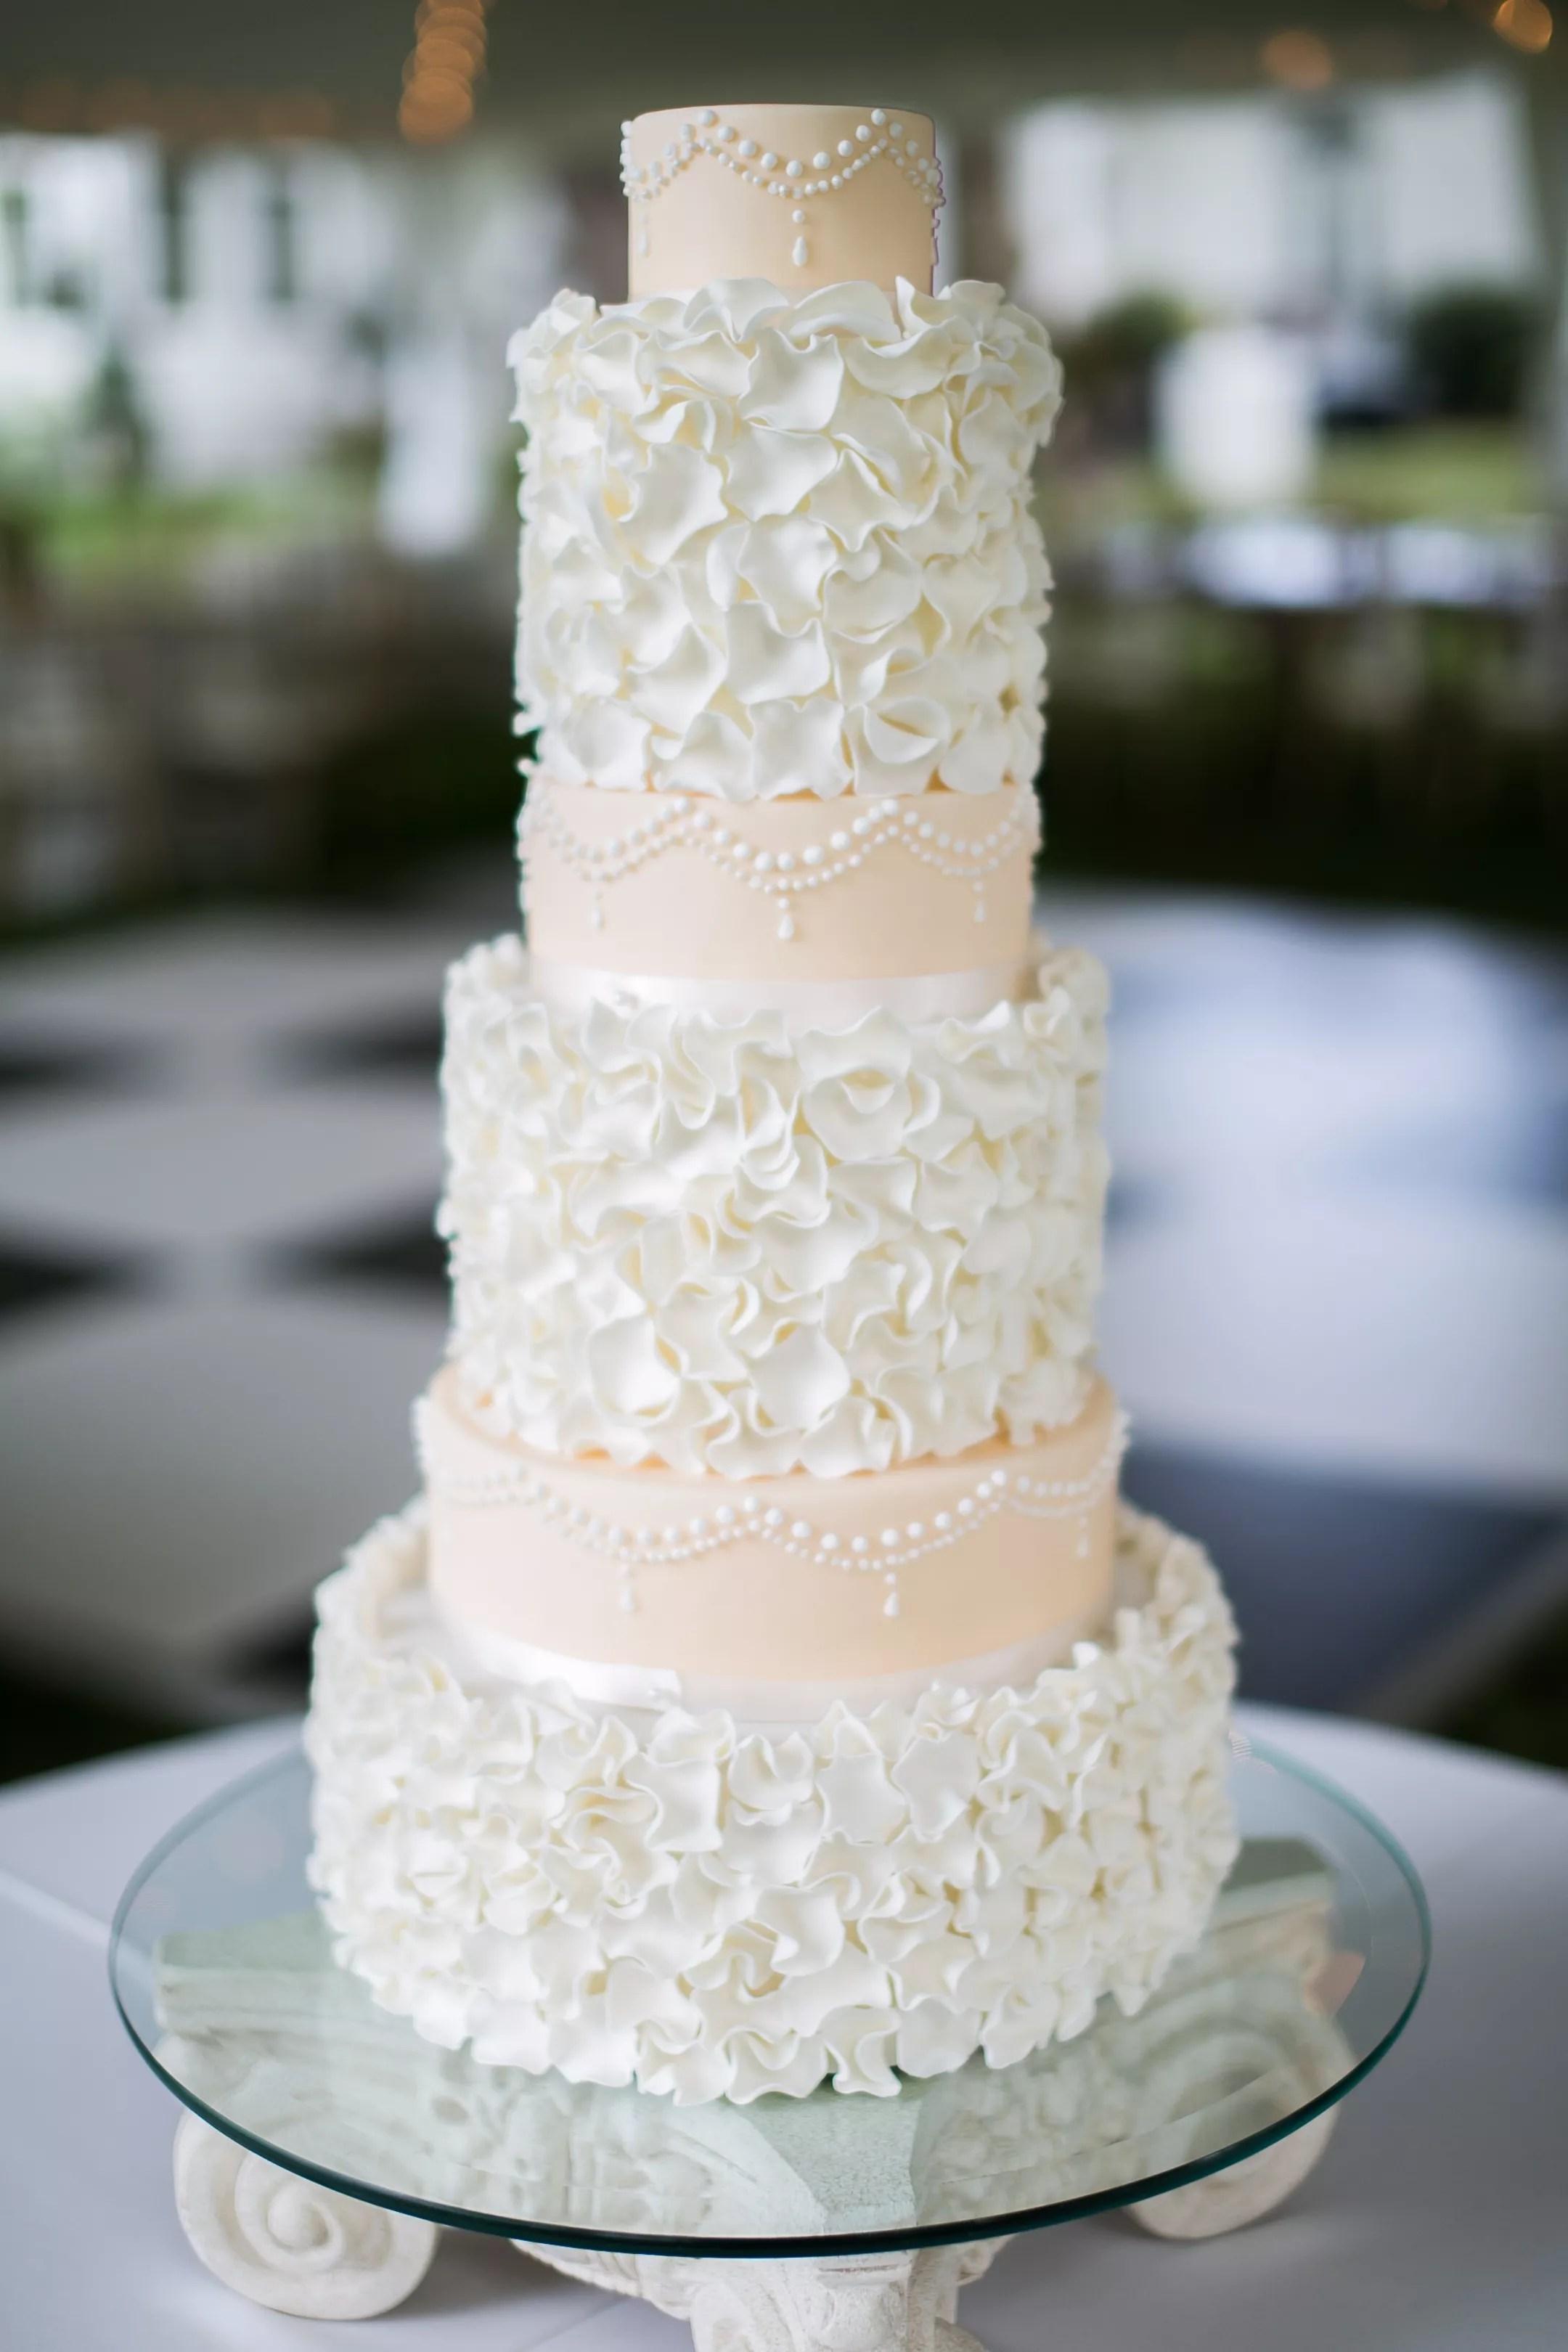 Handmade Flower Petal Embellished Wedding Cake